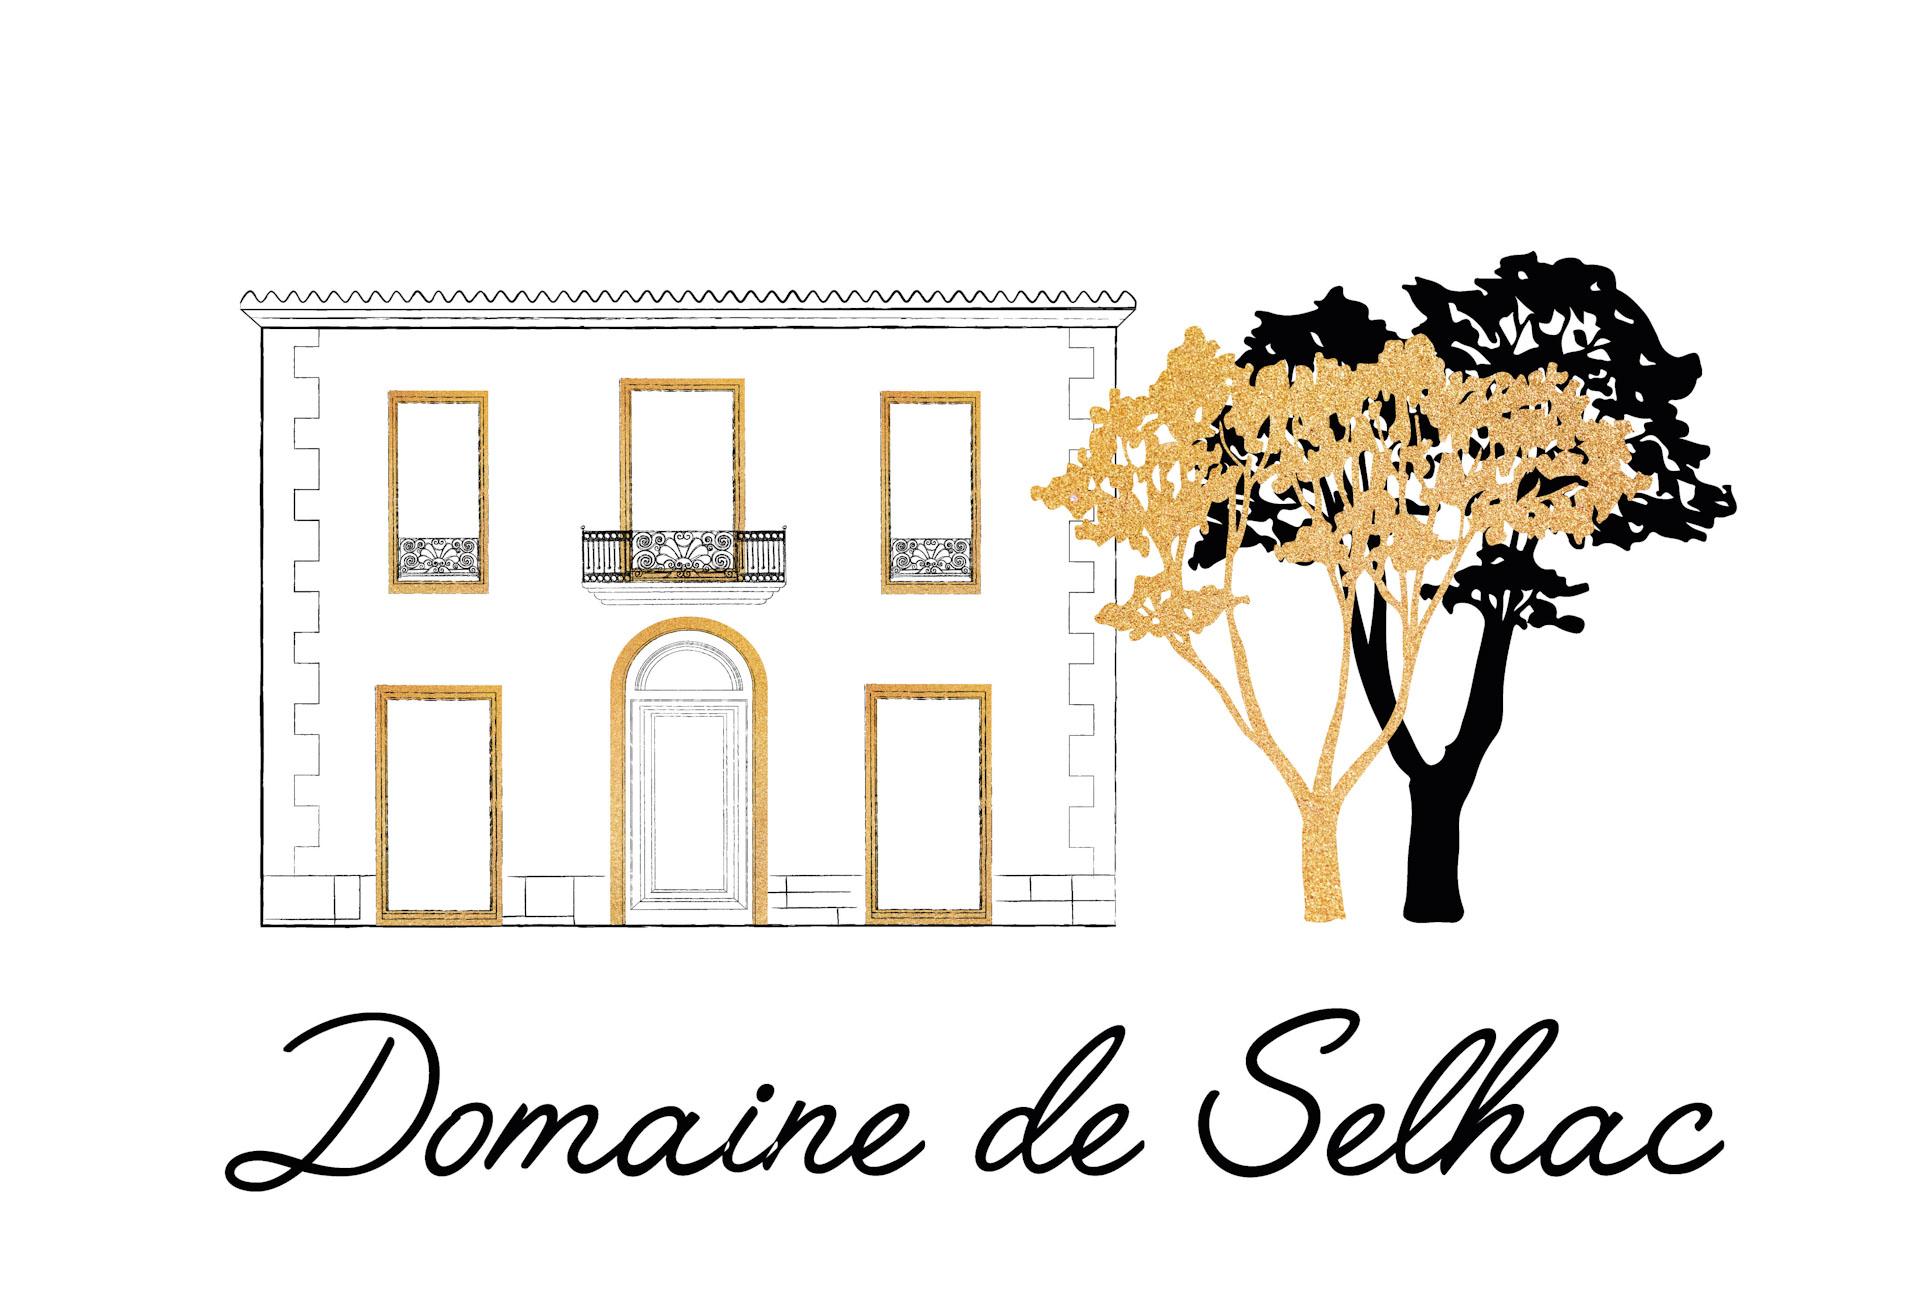 Domaine de Selhac